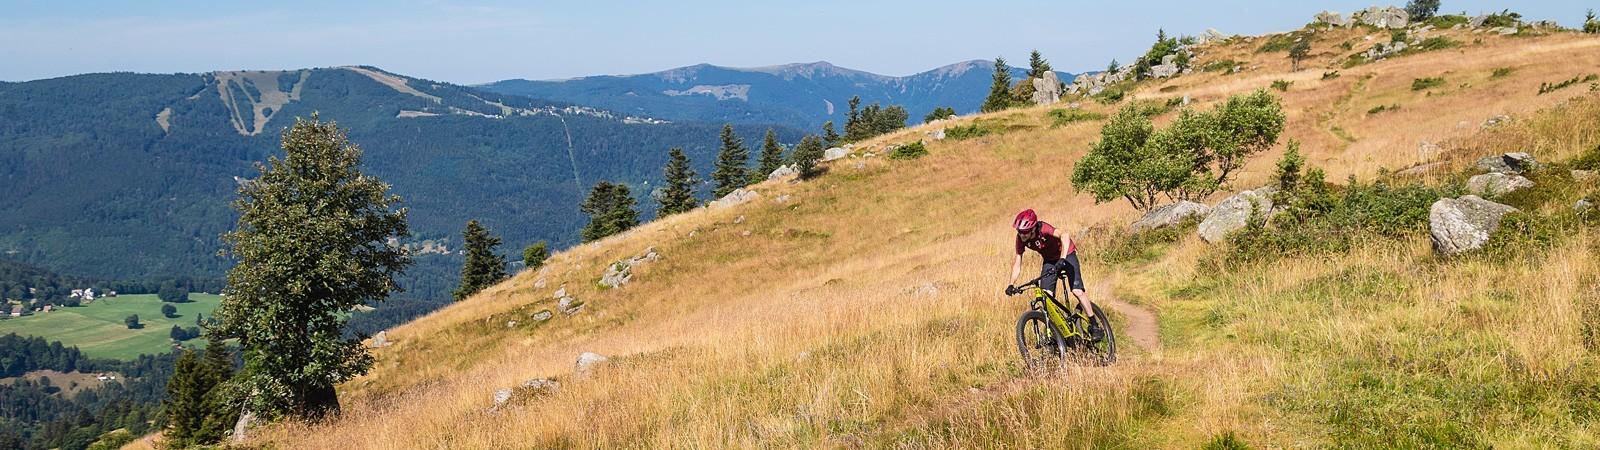 ••• VTT ÉLECTRIQUE VTTAE MOUSTACHE CUBE HAIBIKE KTM PEUGEOT